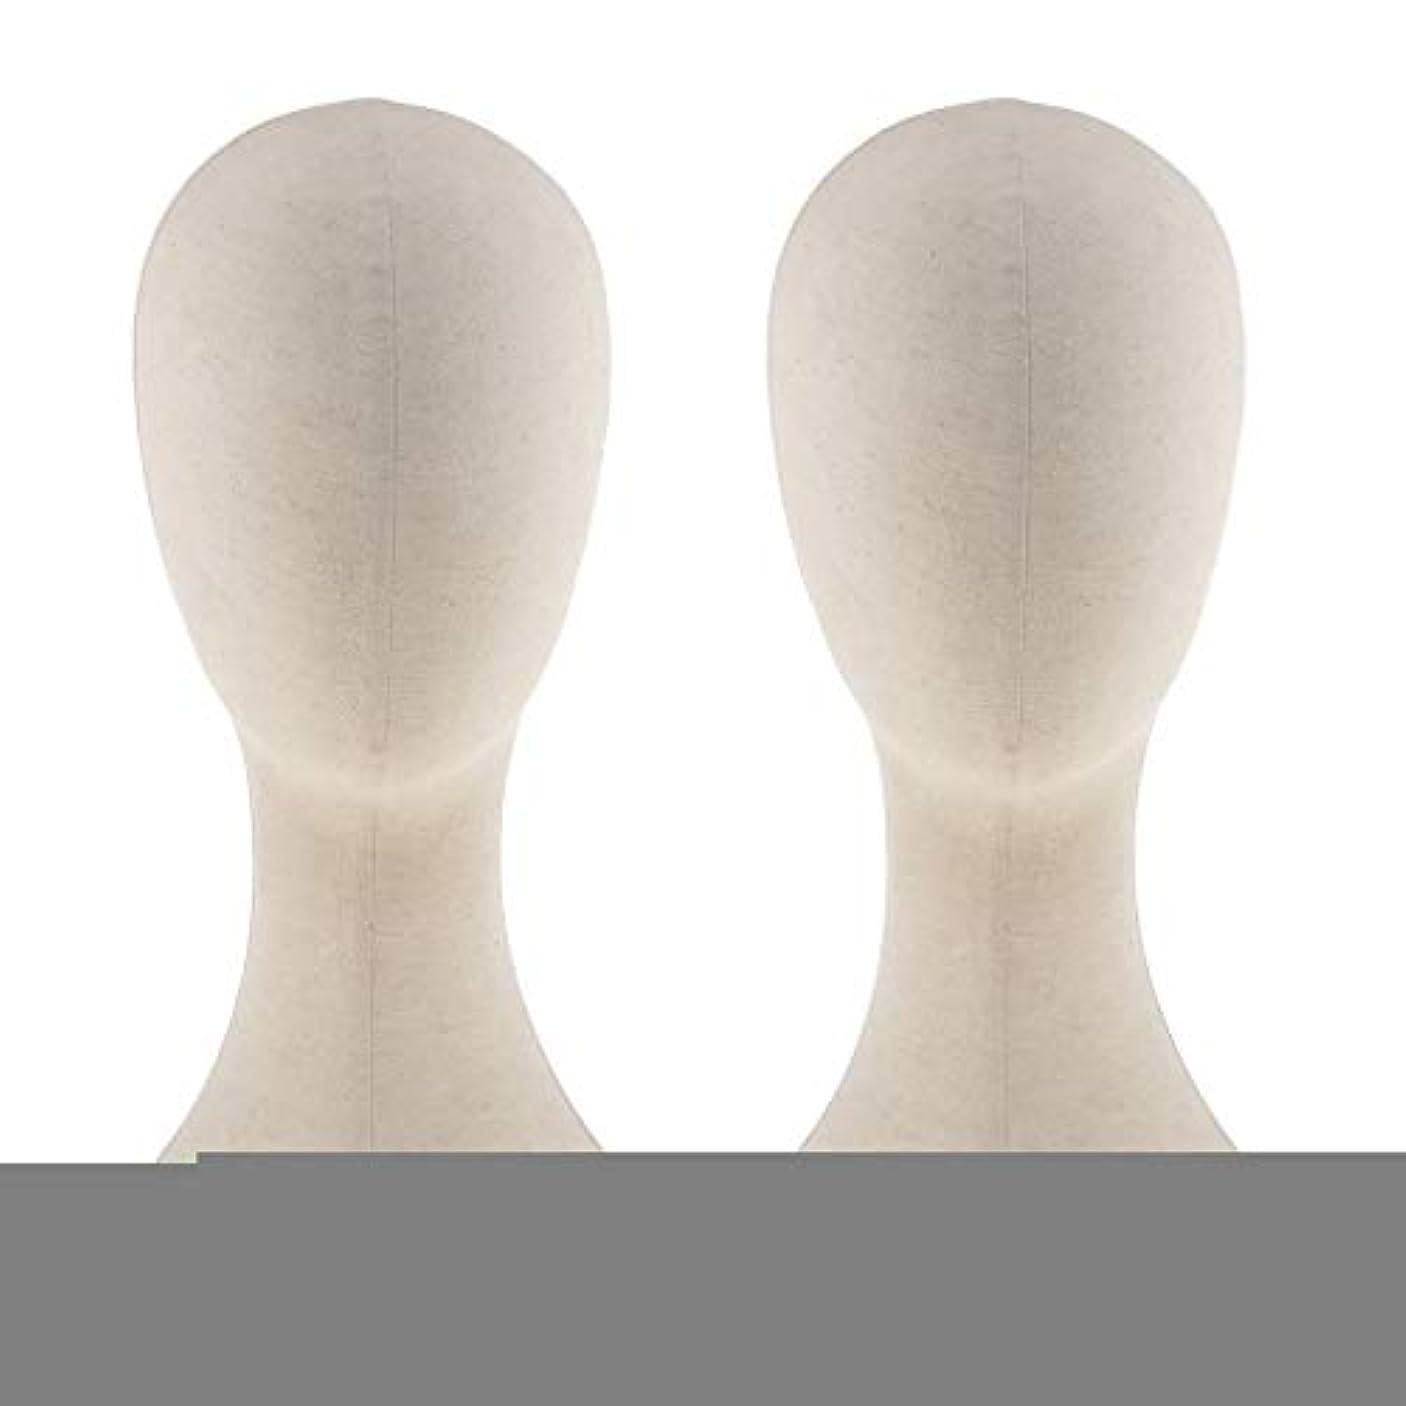 よろしく海里モナリザT TOOYFUL キャンバス マネキン ヘッド トルソー 頭 カット練習 頭部 女性 ウィッグマネキン ウィッグスタンド2個